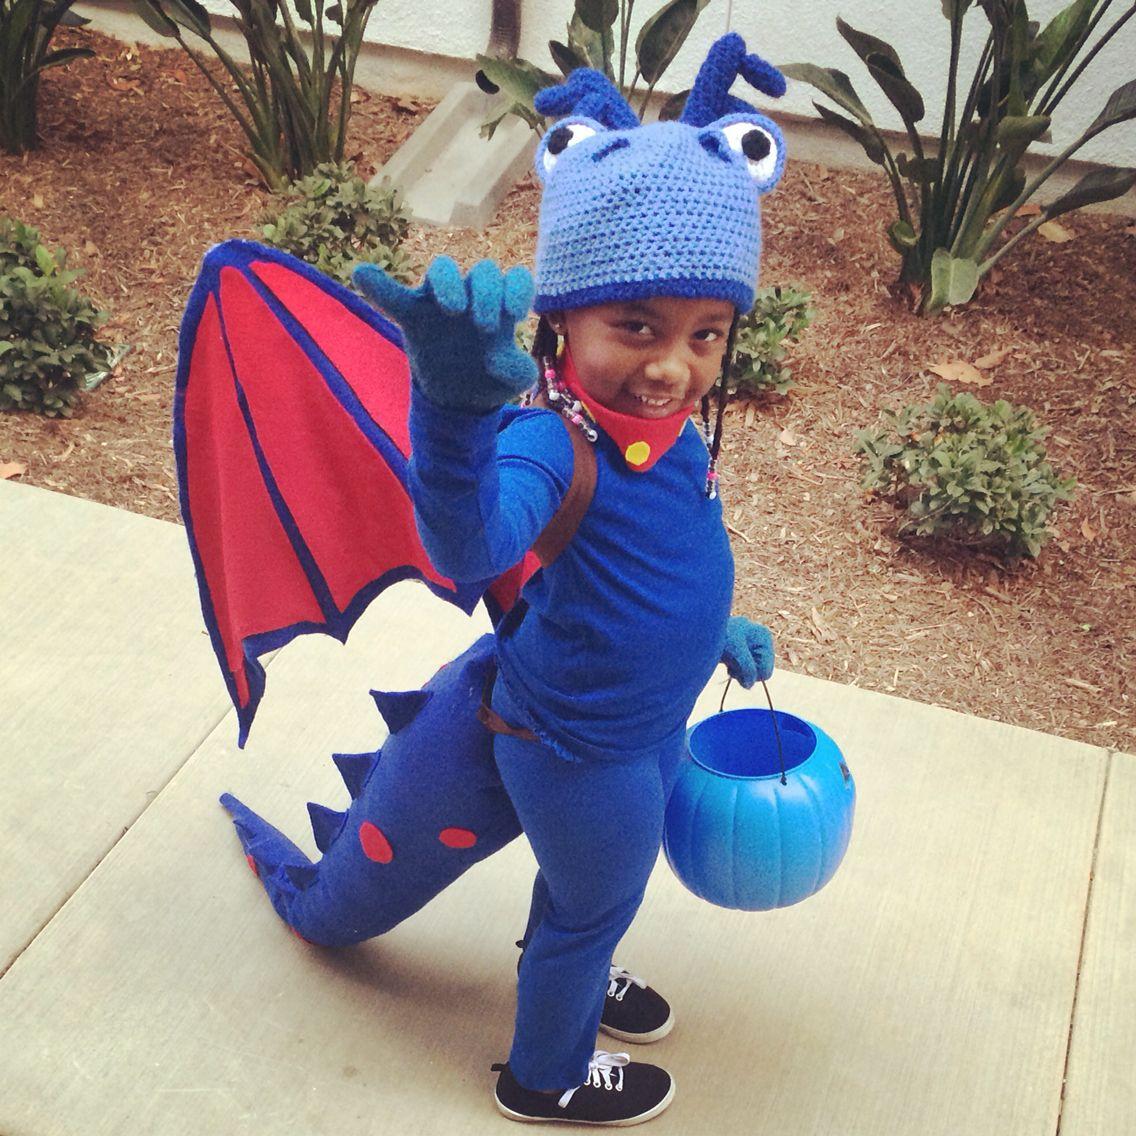 diy stuffy costume doc mcstuffins dragon disney jr halloween - Disney Jr Halloween Costumes